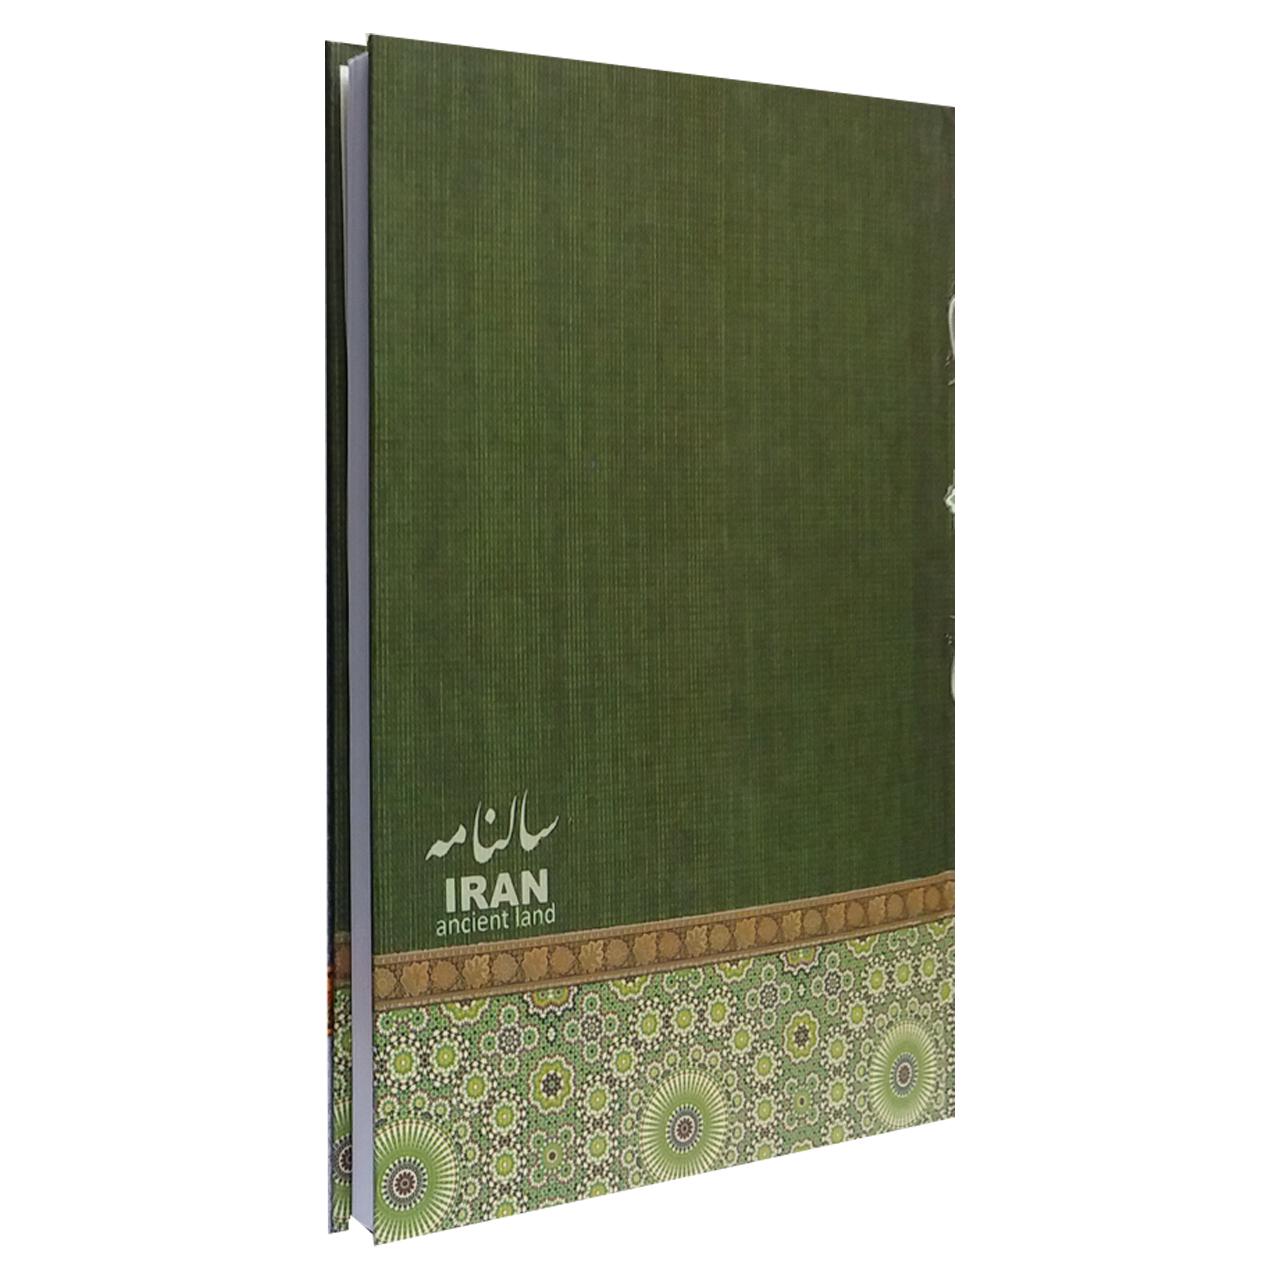 سالنامه سال 1399 طرح ایران کد 02